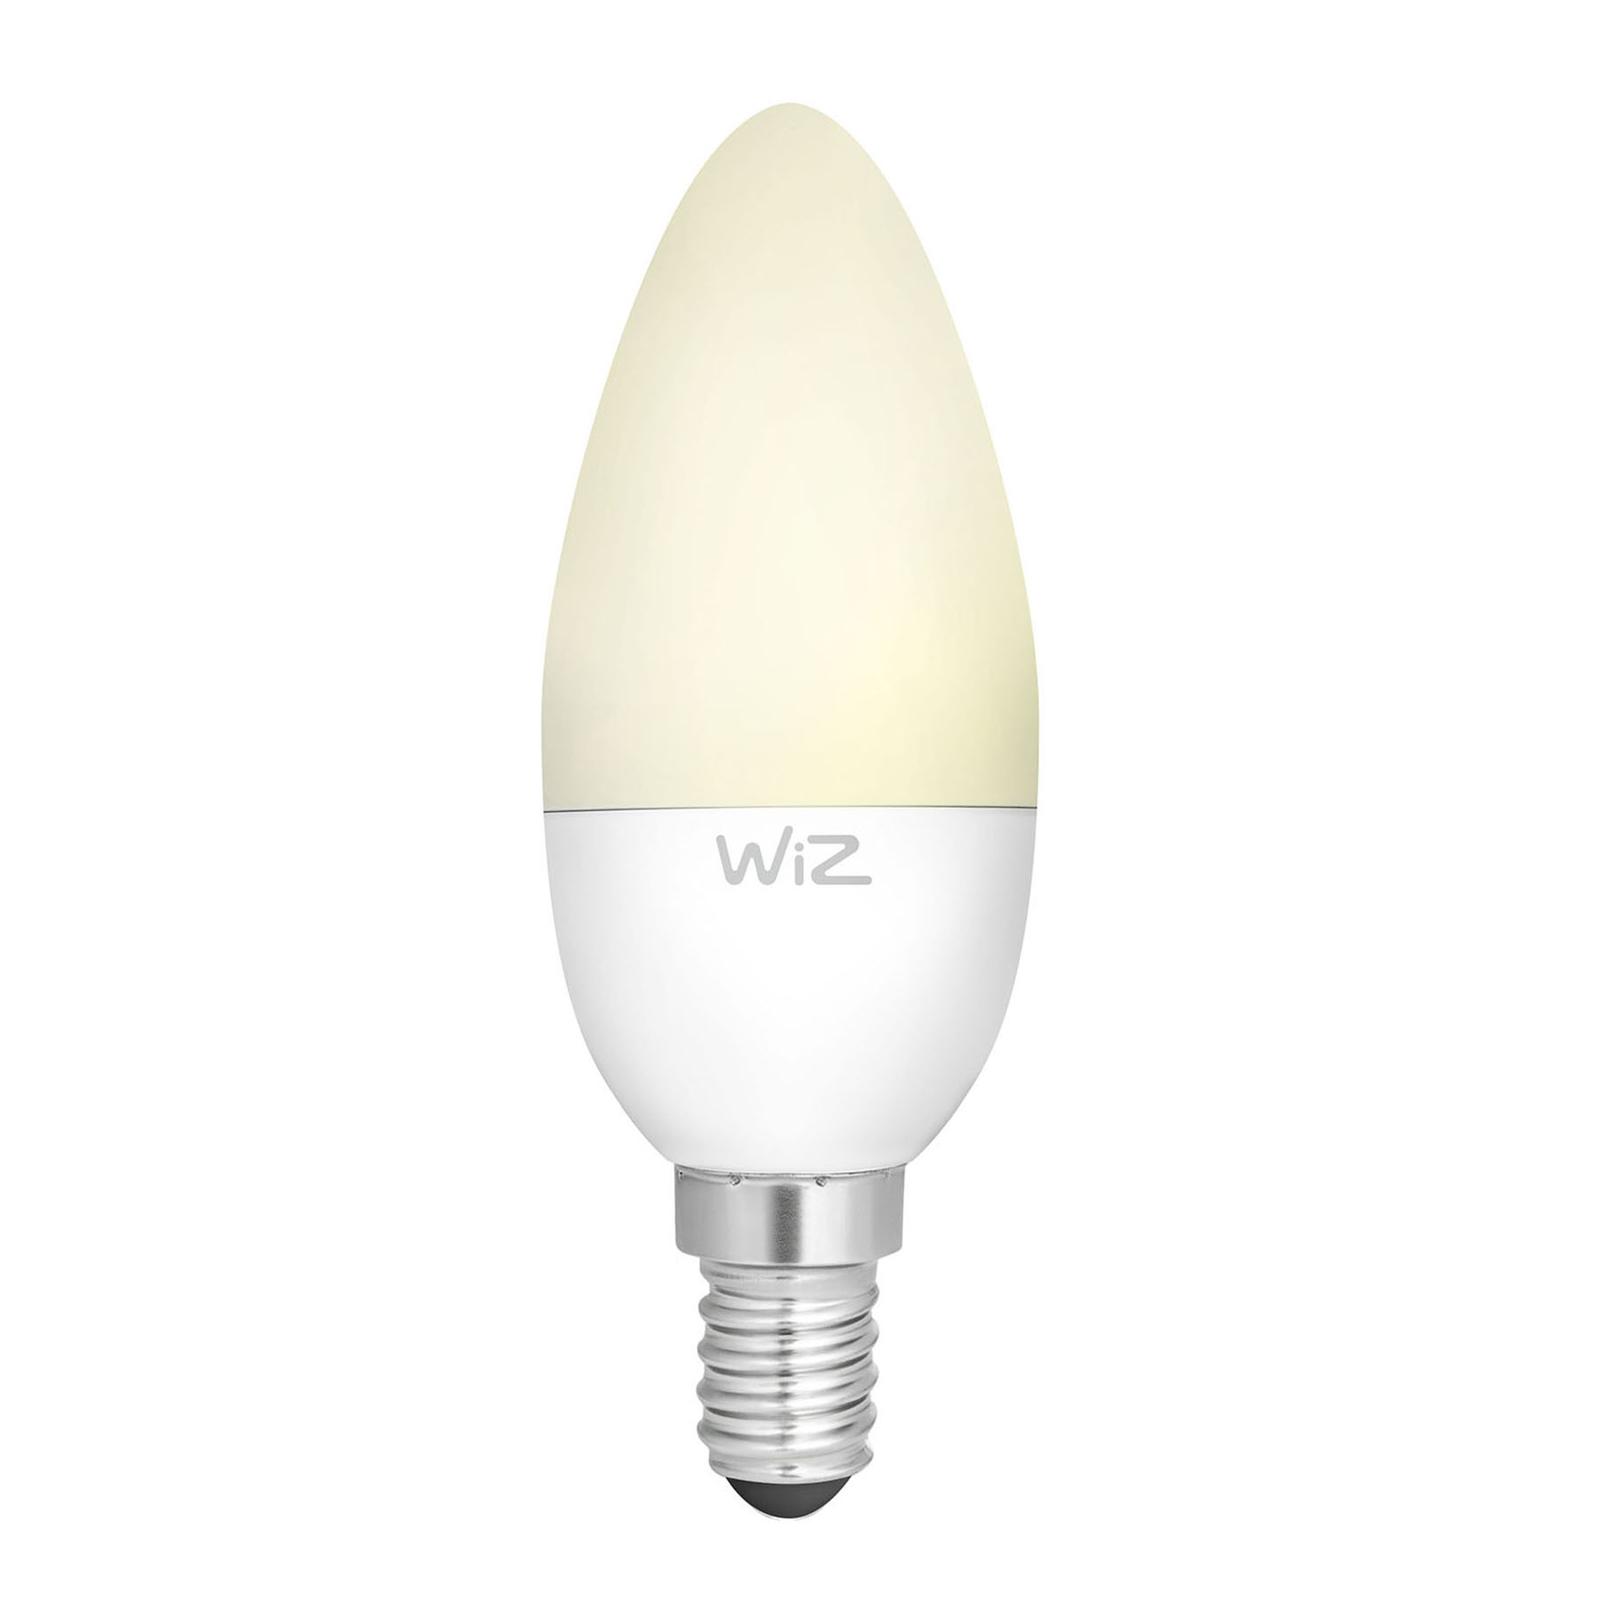 WiZ E14 żarówka LED świeca matowa 9W 2700K